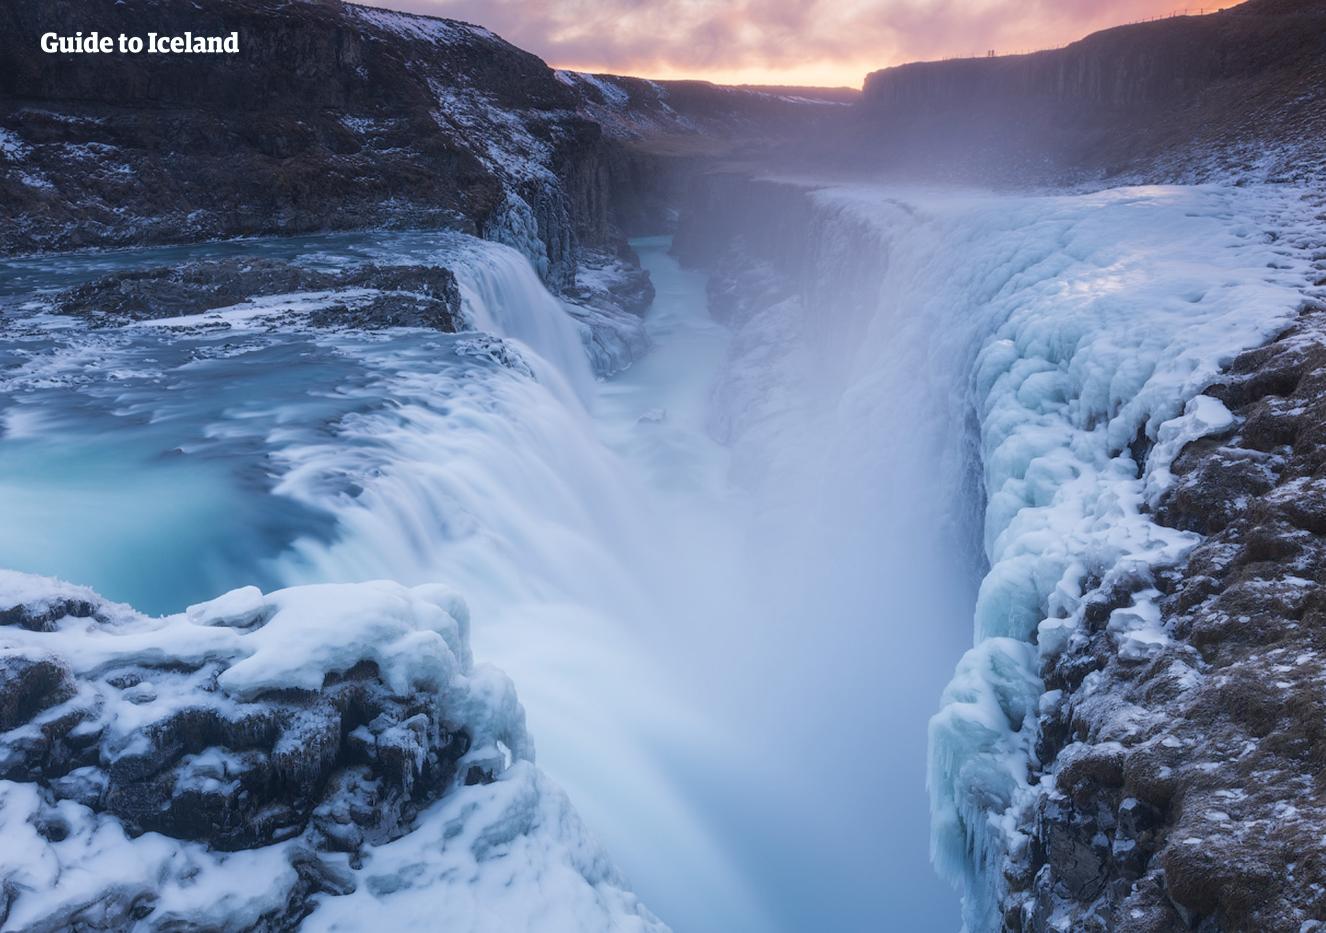 Wodospad Gullfoss na szlaku Złotego Kręgu spadający z 32 metrów do głębokiego kanionu.